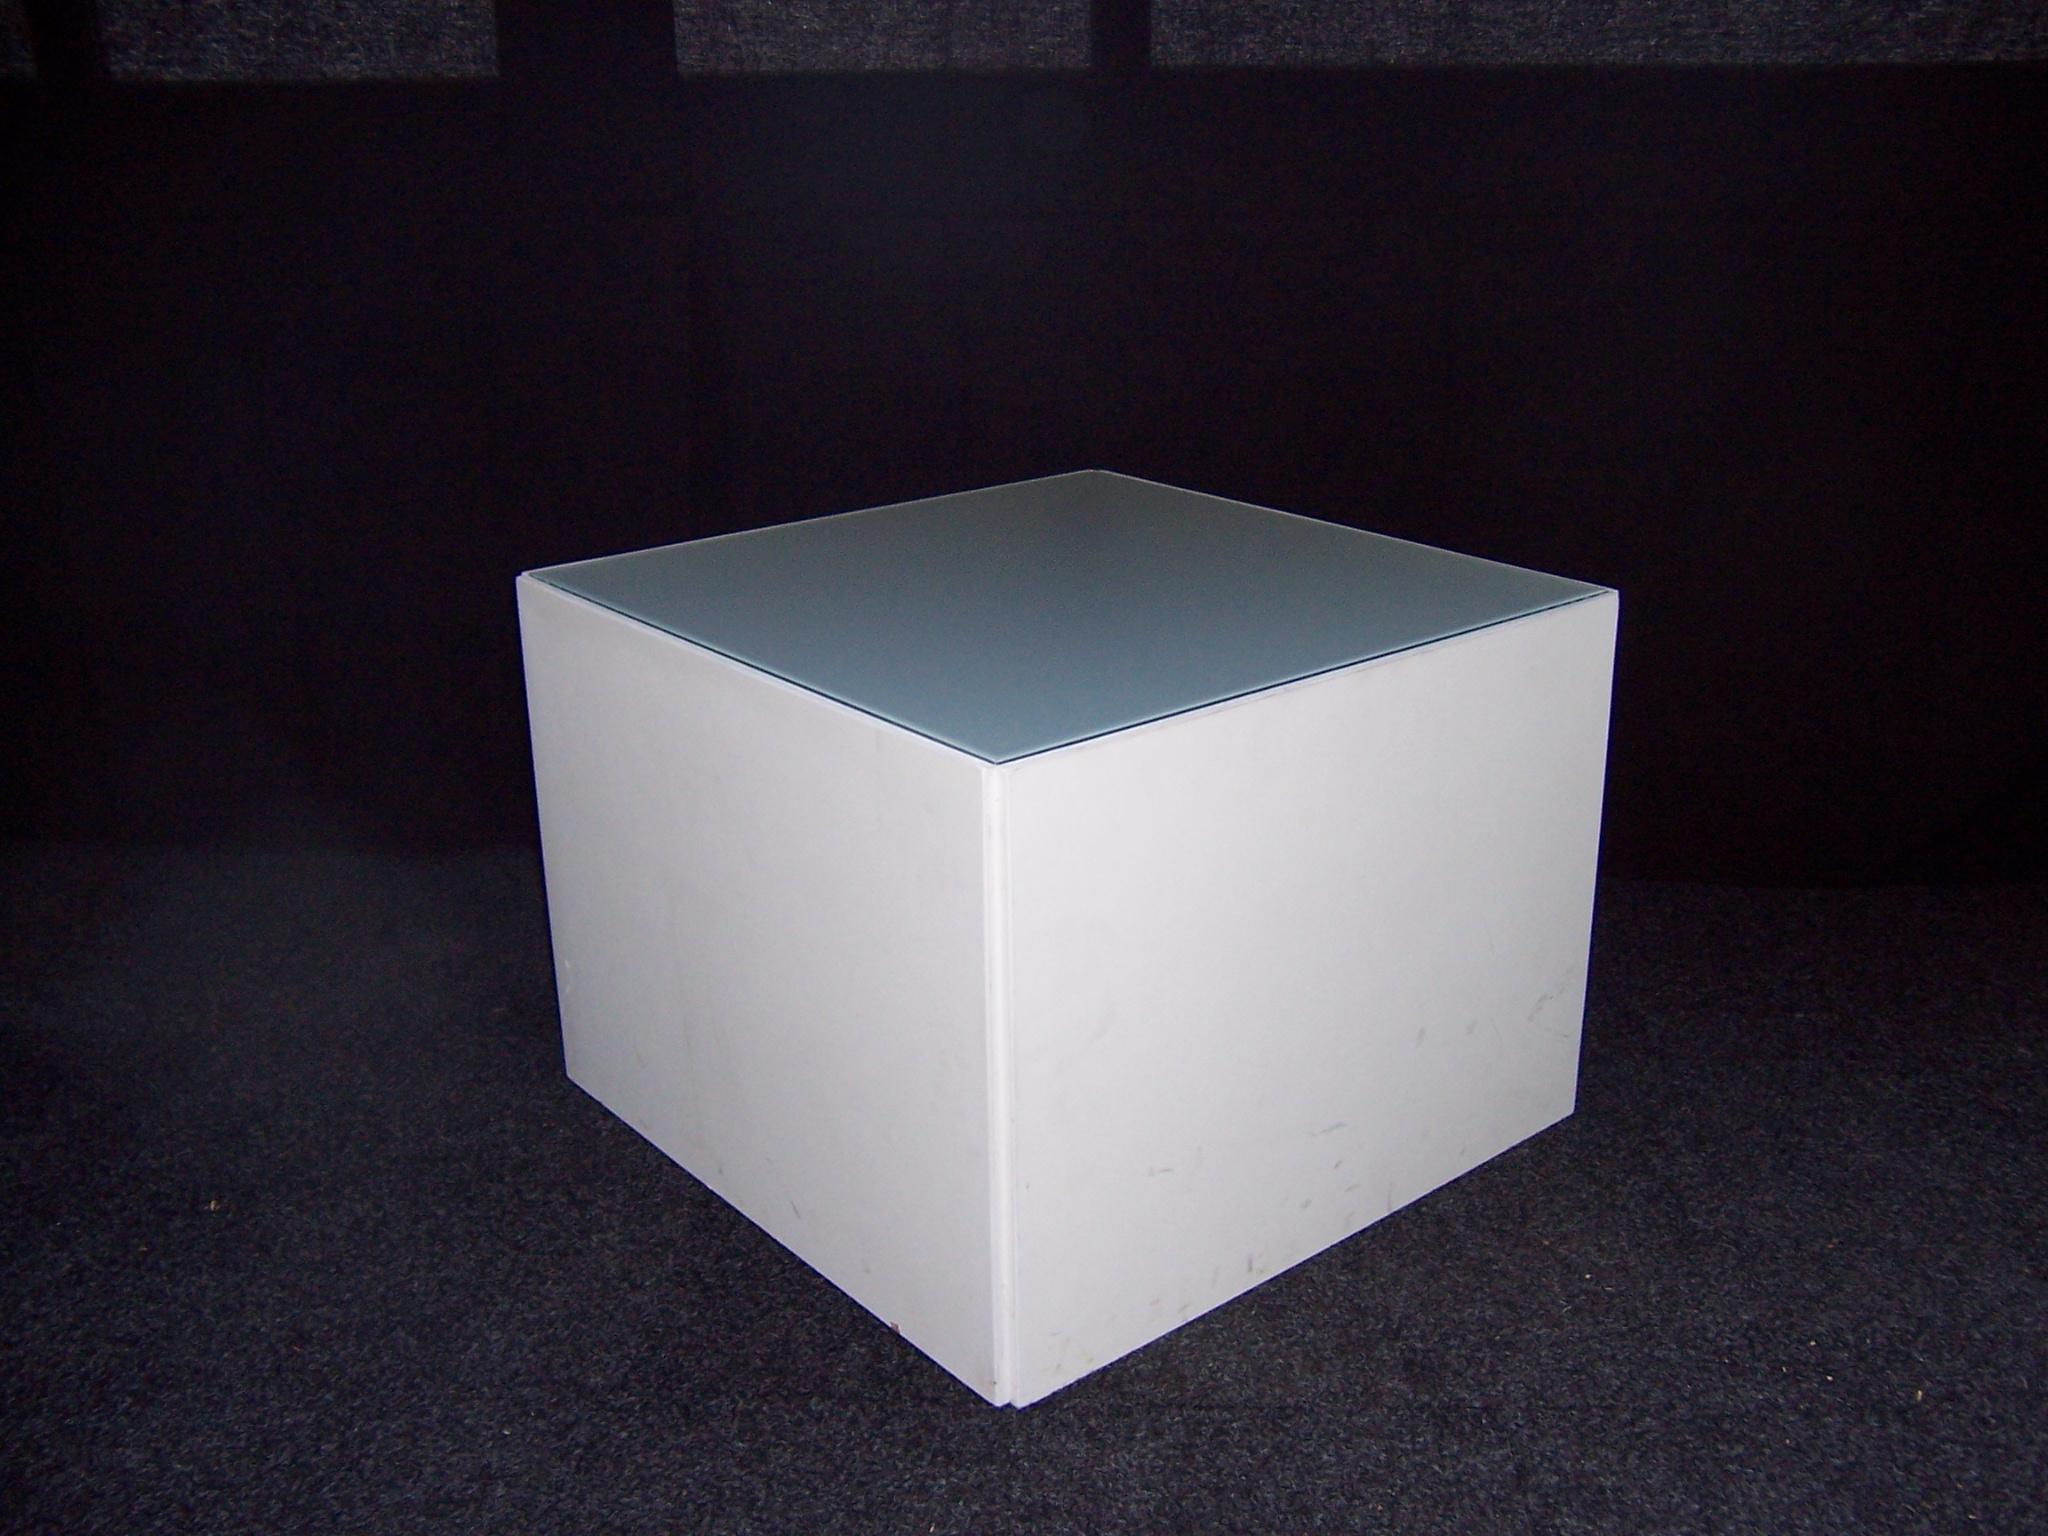 Loungemeubelen: Lounge tafel met led verlichting 60x60